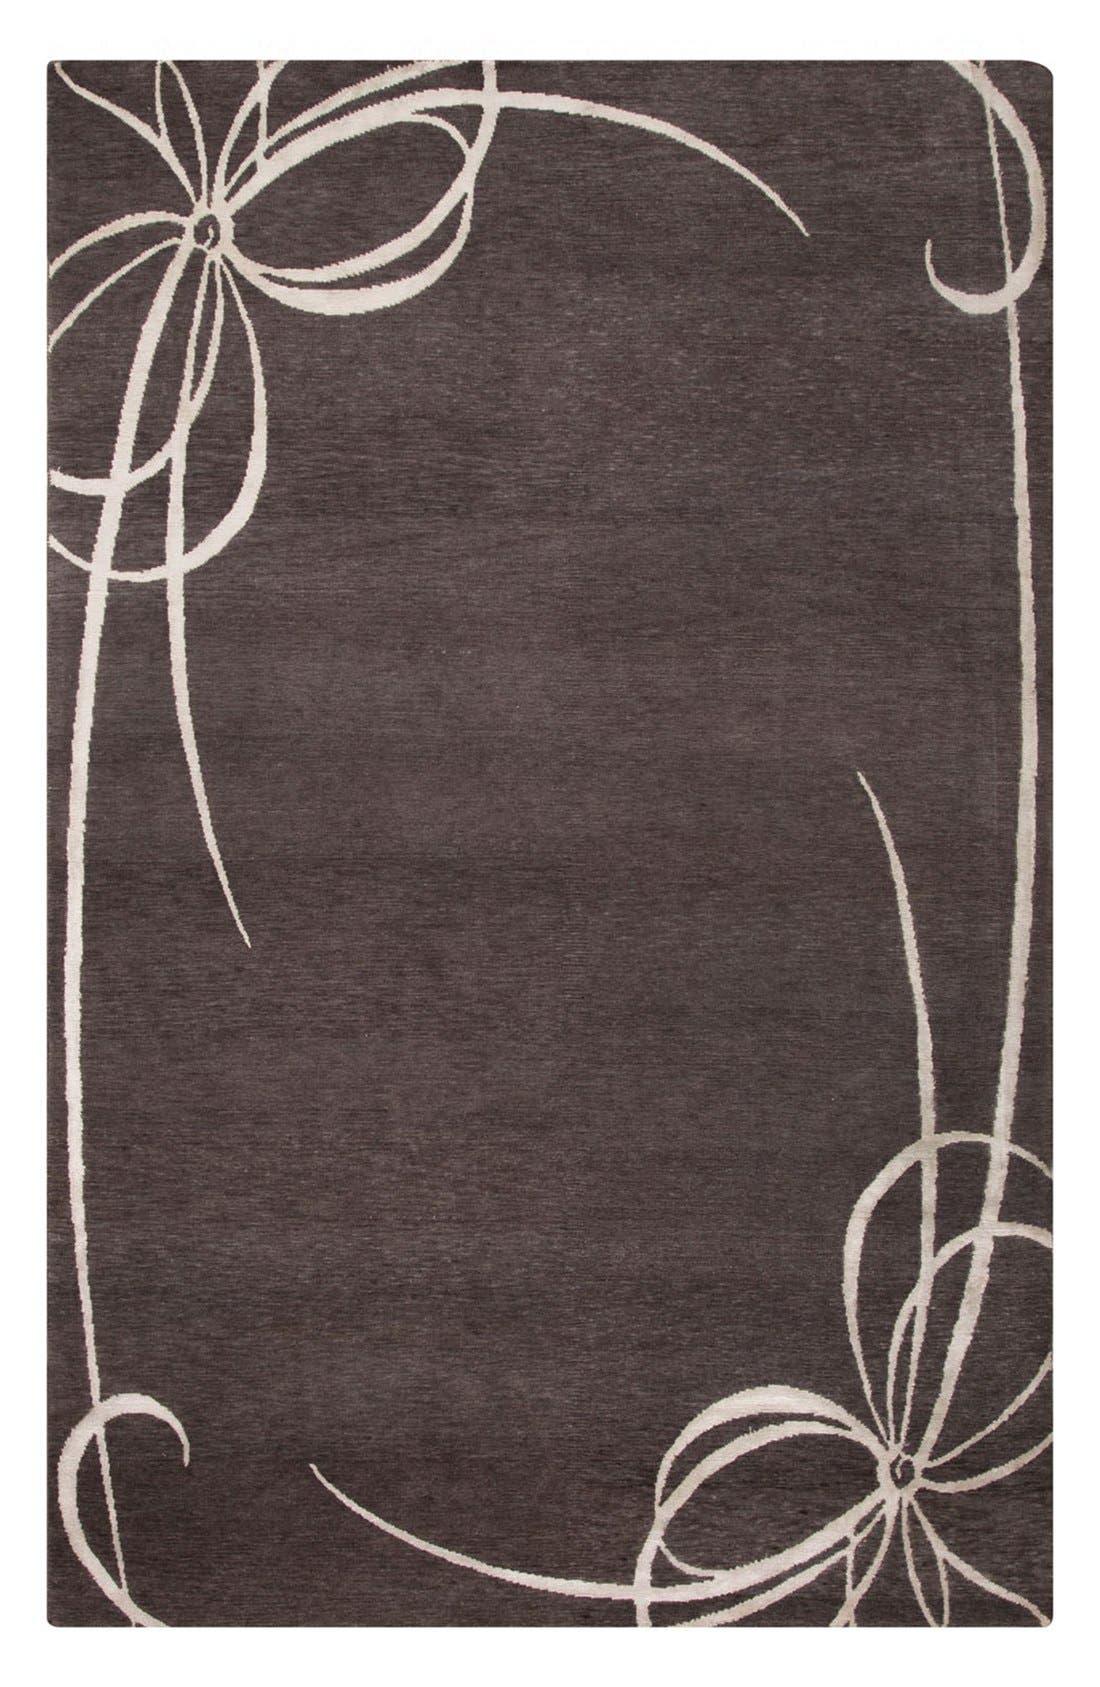 'noho' rug,                             Main thumbnail 1, color,                             Grey/ Ivory